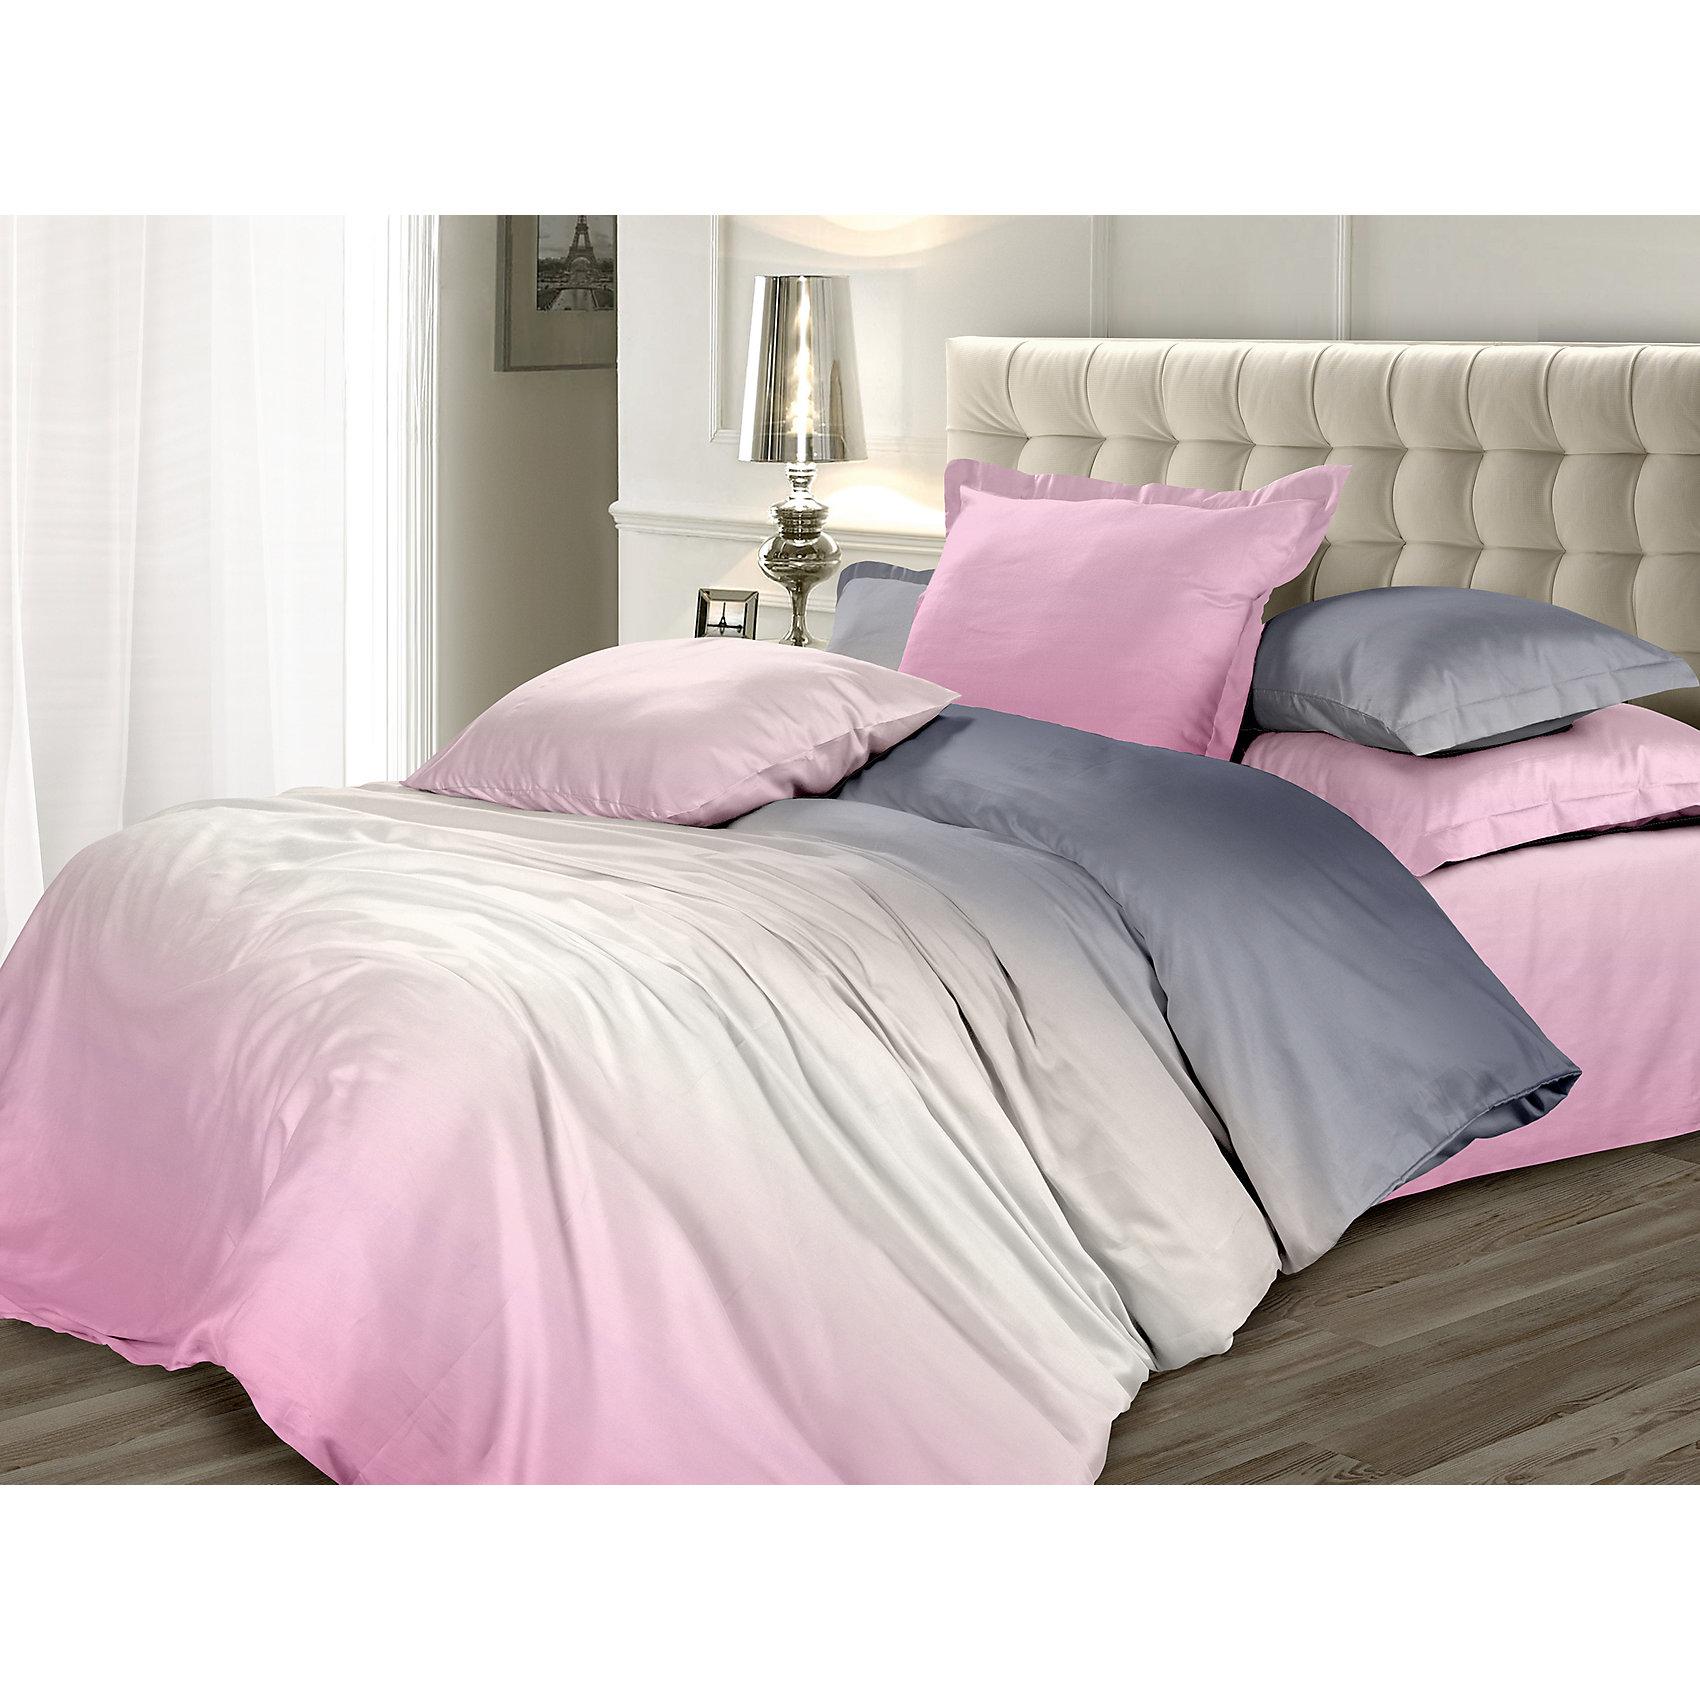 Постельное белье 1,5 Розовый Зефир, Унисон, сатинПостельное белье 1,5 Унисон сатин №1 Коллекция Омбре (70*70) КБУсгк-11 рис. 11998 вид 7 Розовый Зефир  – шик, красота и мягкость в одном флаконе.<br>Комплект изготовлен по специальной технологии двойного плетения из крученой хлопковой нити. Сатин – это натуральная ткань из 100% хлопка, поэтому она подходит для нежной кожи, склонной к раздражениям. Это мягкий материал с шелковистыми переливами. Его можно стирать в машинке, не боясь, что он быстро износится.<br><br>Дополнительная информация:<br><br>Размер:  Пододеяльник 215*145, простынь 220*150, 2 наволочки 70*70. <br>Материал: Сатин, 100% хлопок<br><br>Постельное белье 1,5 Унисон сатин №1 Коллекция Омбре (70*70) КБУсгк-11 рис. 11998 вид 7 Розовый Зефир можно купить в нашем интернет магазине.<br><br>Ширина мм: 290<br>Глубина мм: 70<br>Высота мм: 370<br>Вес г: 1200<br>Возраст от месяцев: 84<br>Возраст до месяцев: 1188<br>Пол: Женский<br>Возраст: Детский<br>SKU: 4904957